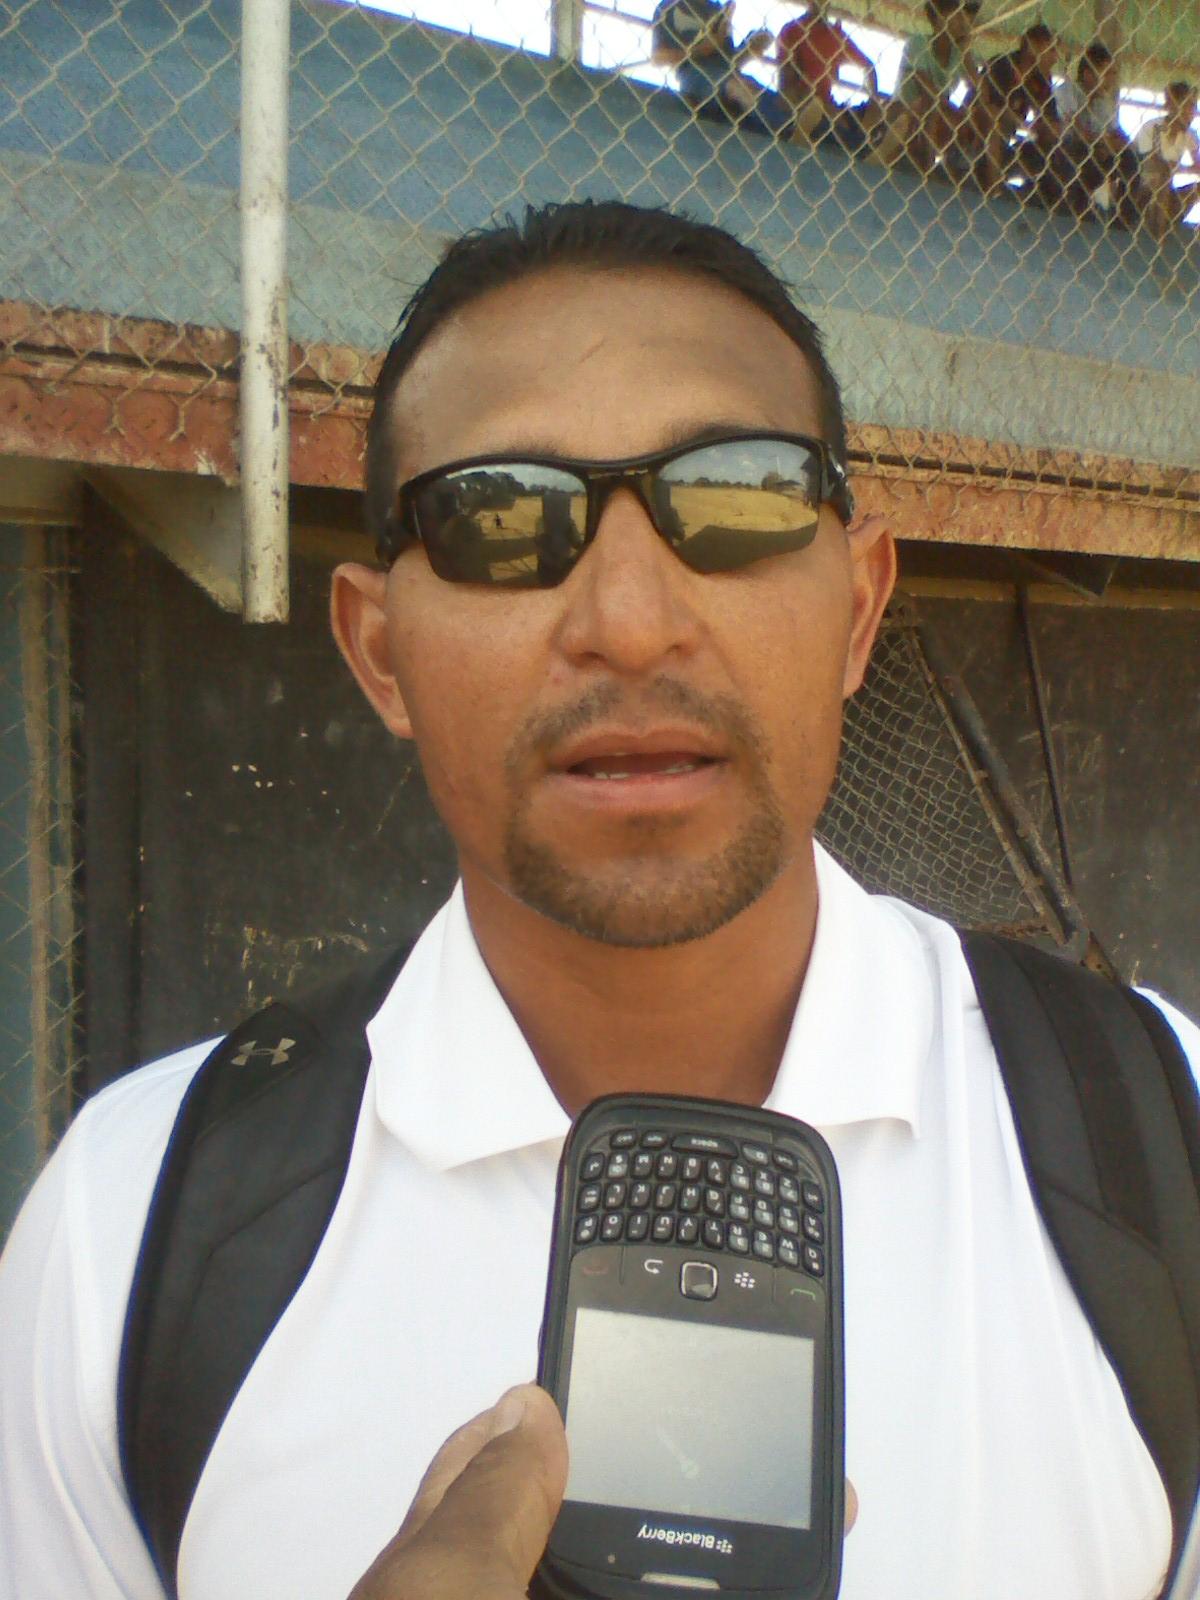 El Scouts de Milwaukee Brewers Baseball Club Trino Aguilar al momento de ofrecer la información